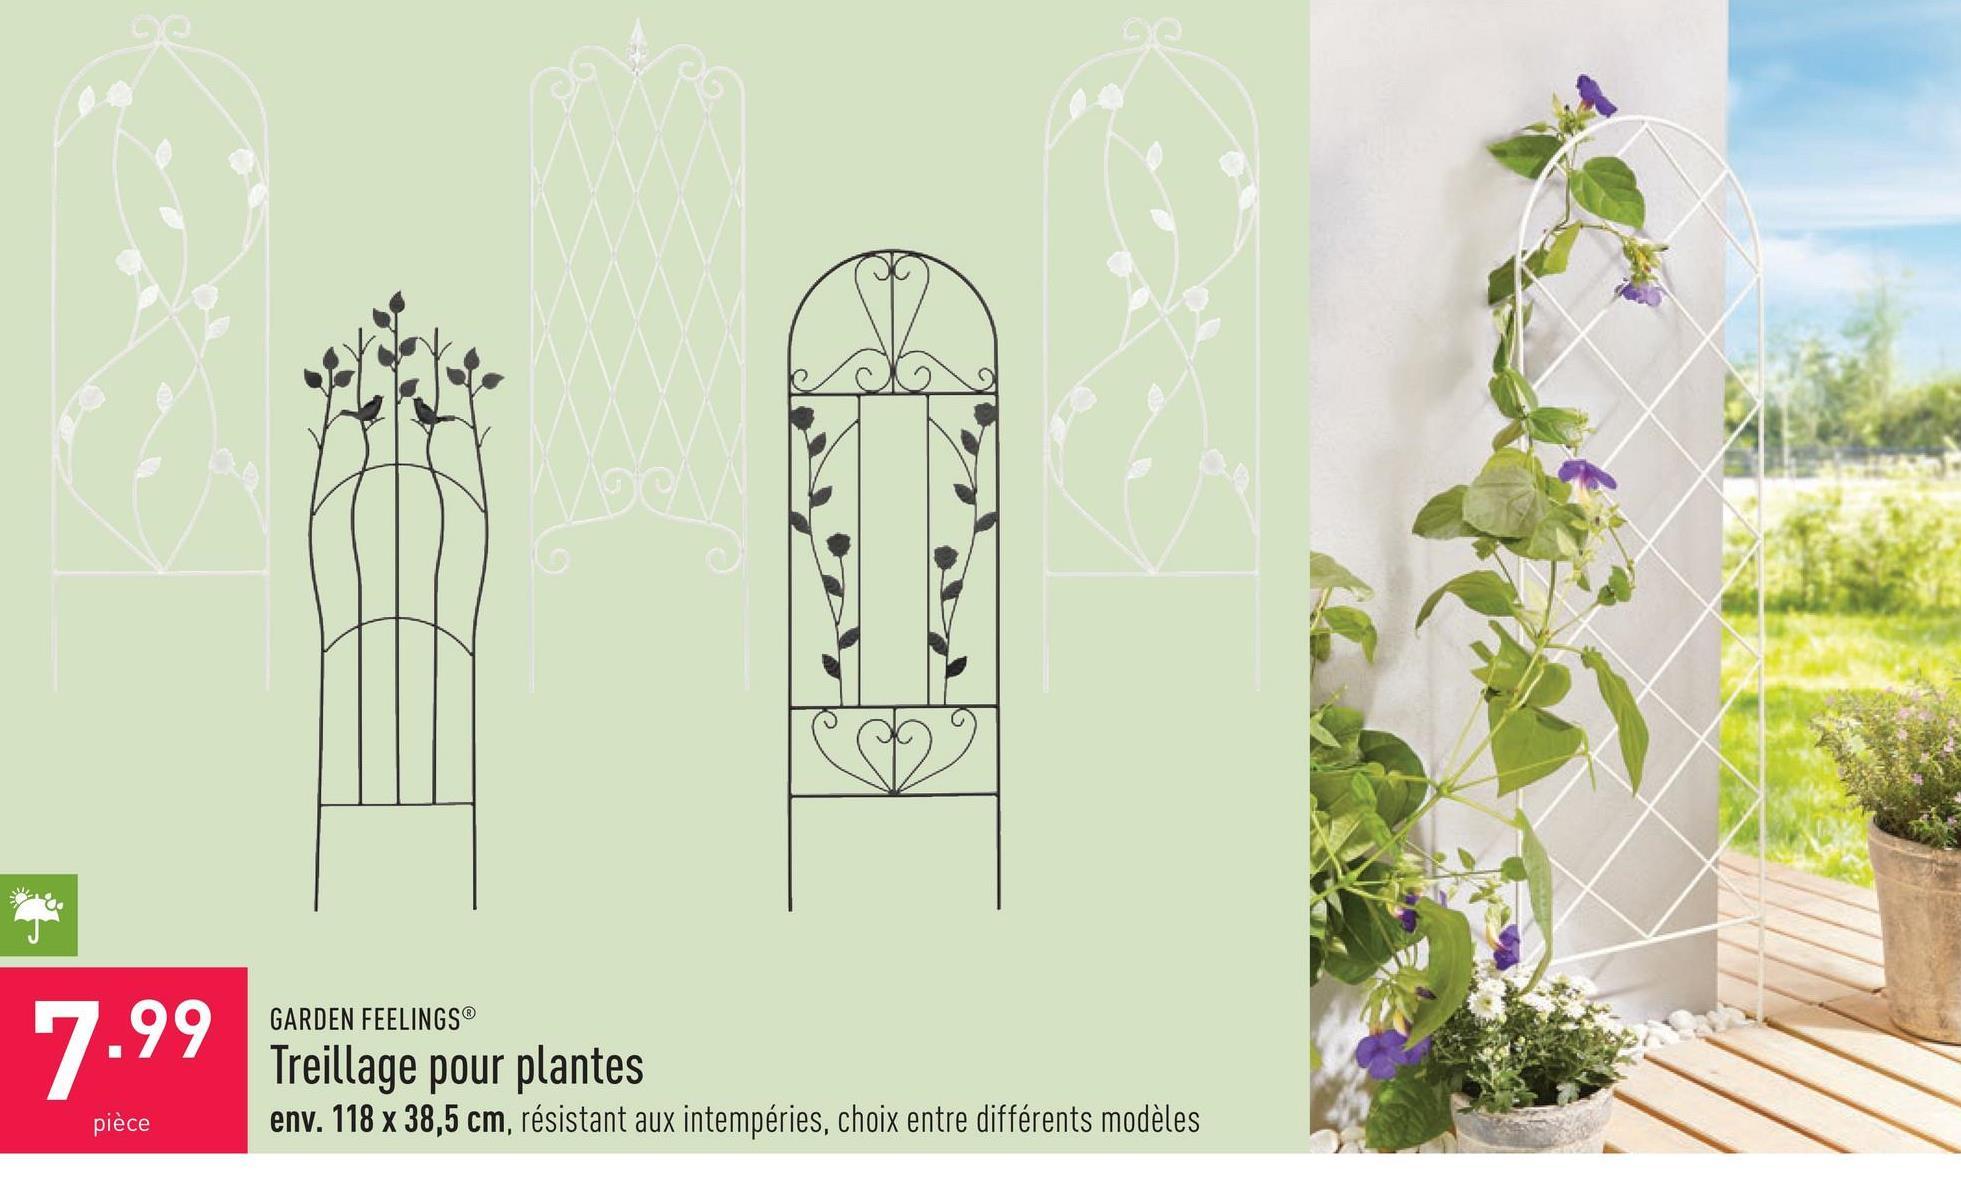 Treillage pour plantes env. 118 x 38,5 cm, résistant aux intempéries, choix entre différents modèles